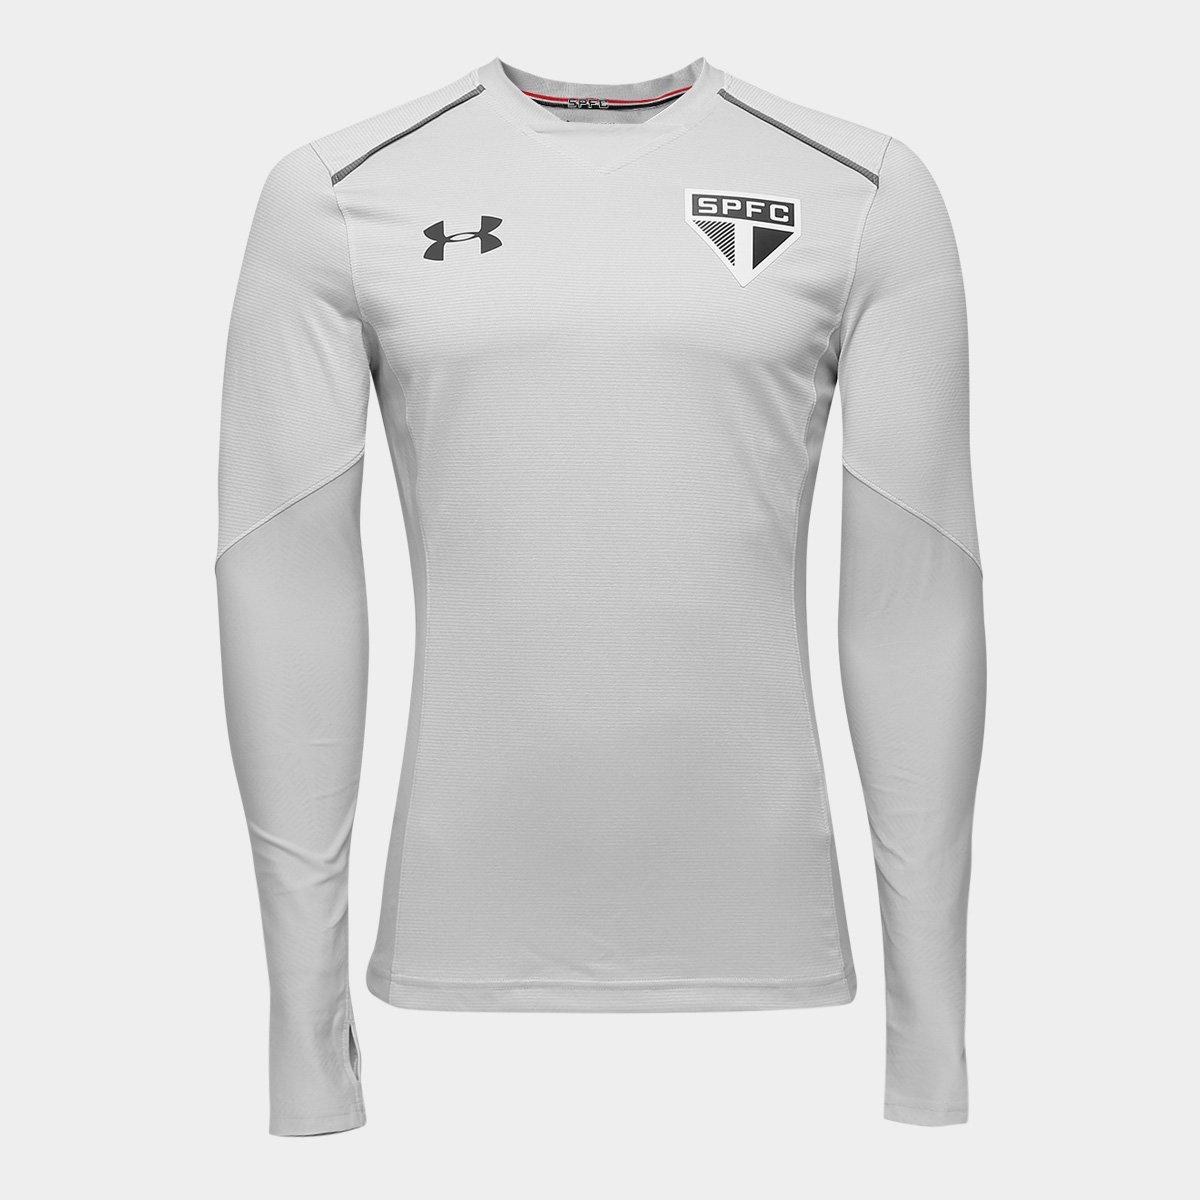 c3c425c8bb Camisa de Treino São Paulo 17 18 Under Armour Manga Longa Masculina -  Compre Agora